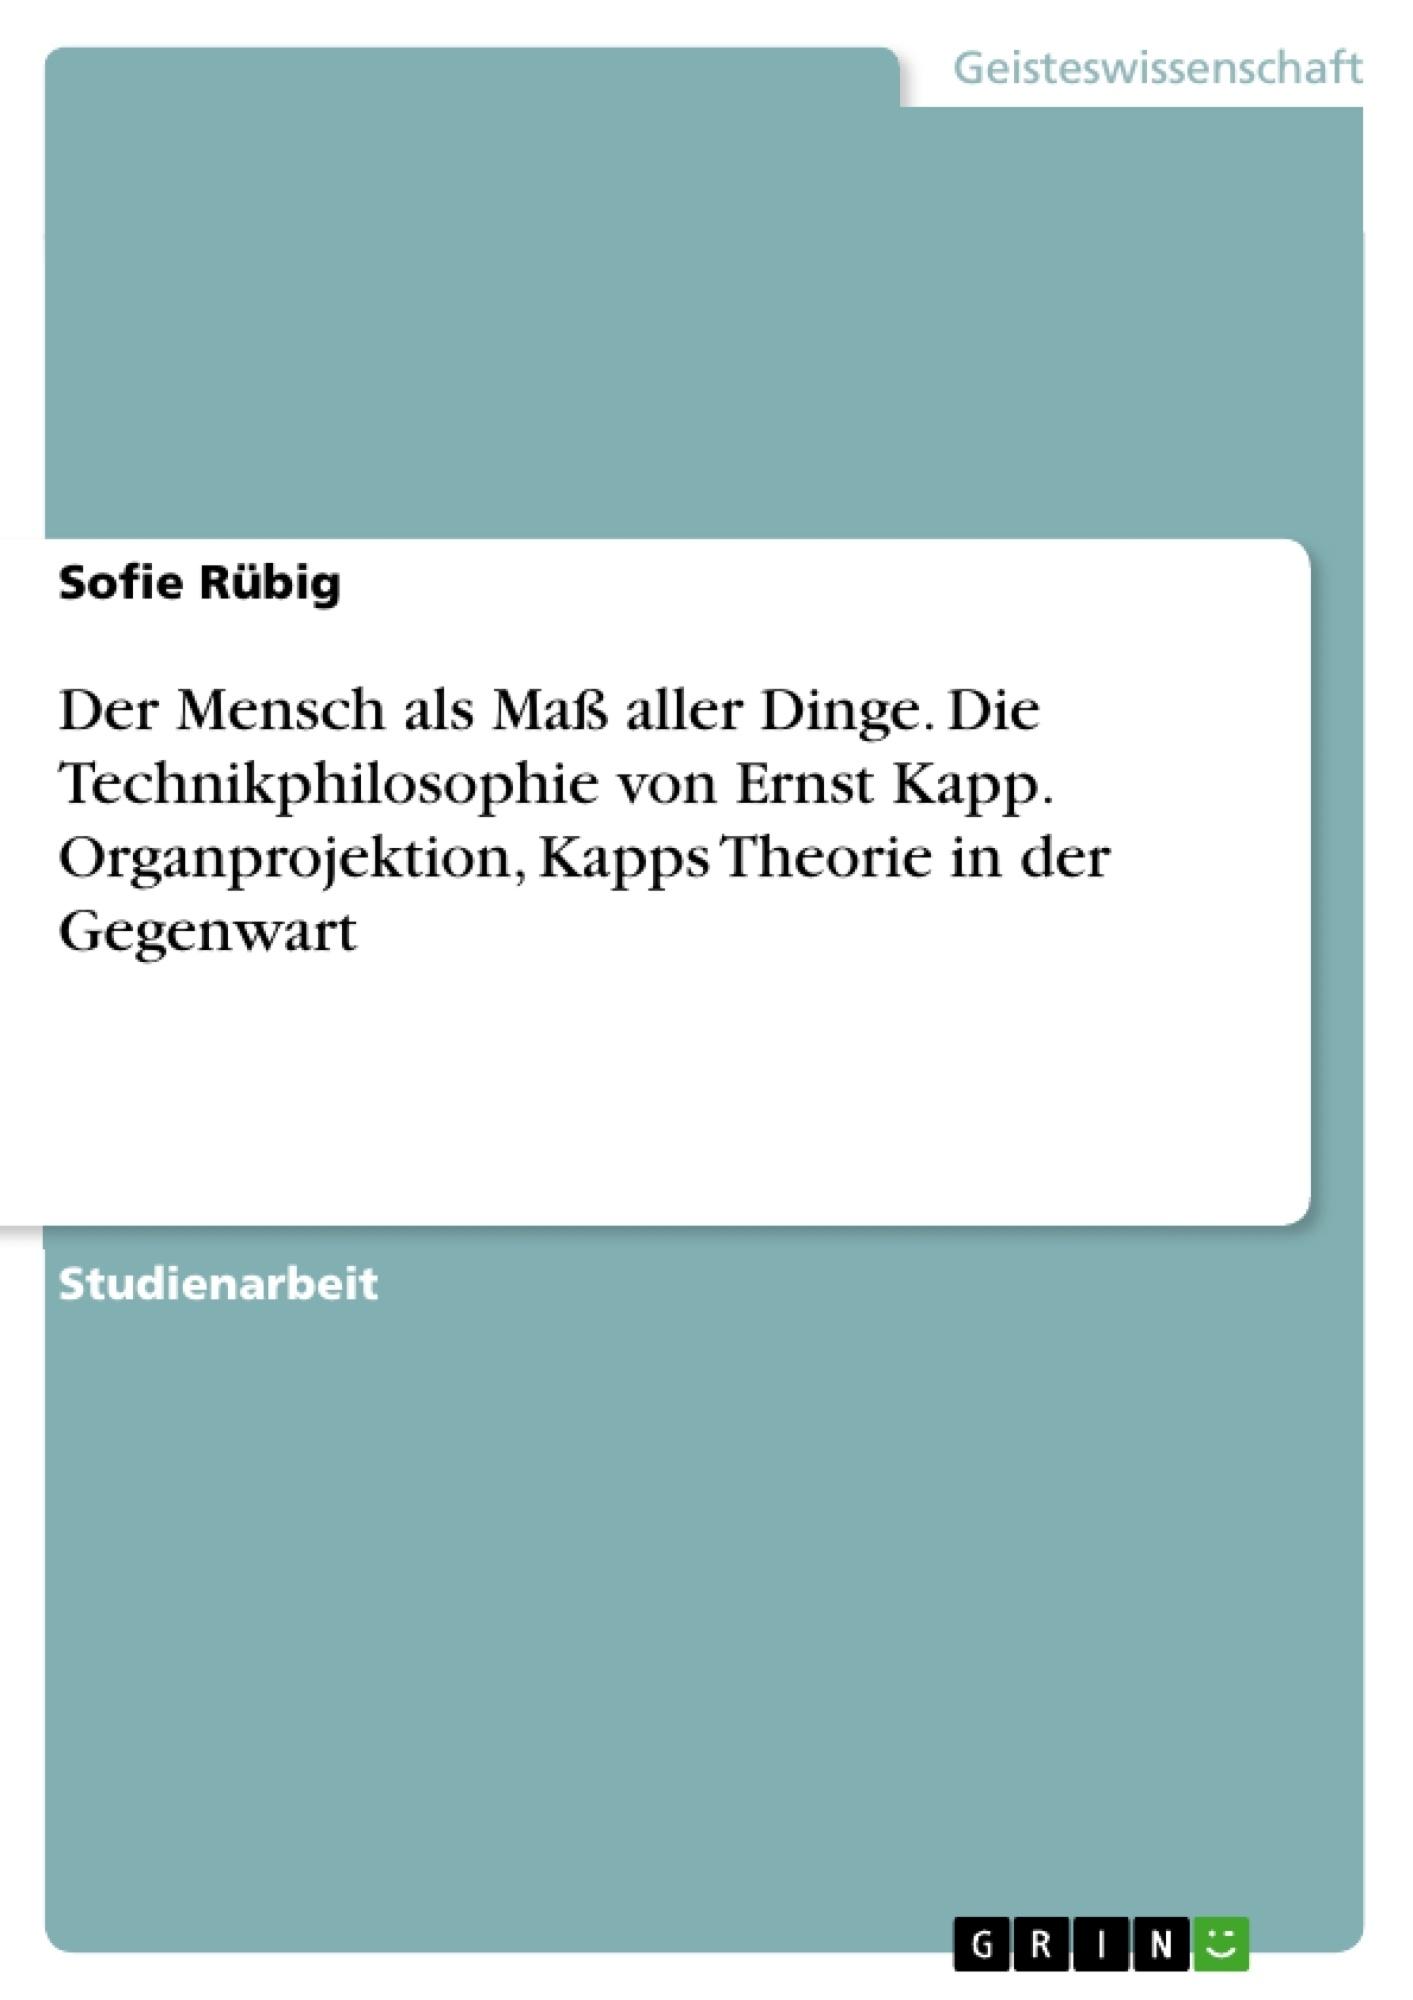 Titel: Der Mensch als Maß aller Dinge. Die Technikphilosophie von Ernst Kapp. Organprojektion, Kapps Theorie in der Gegenwart